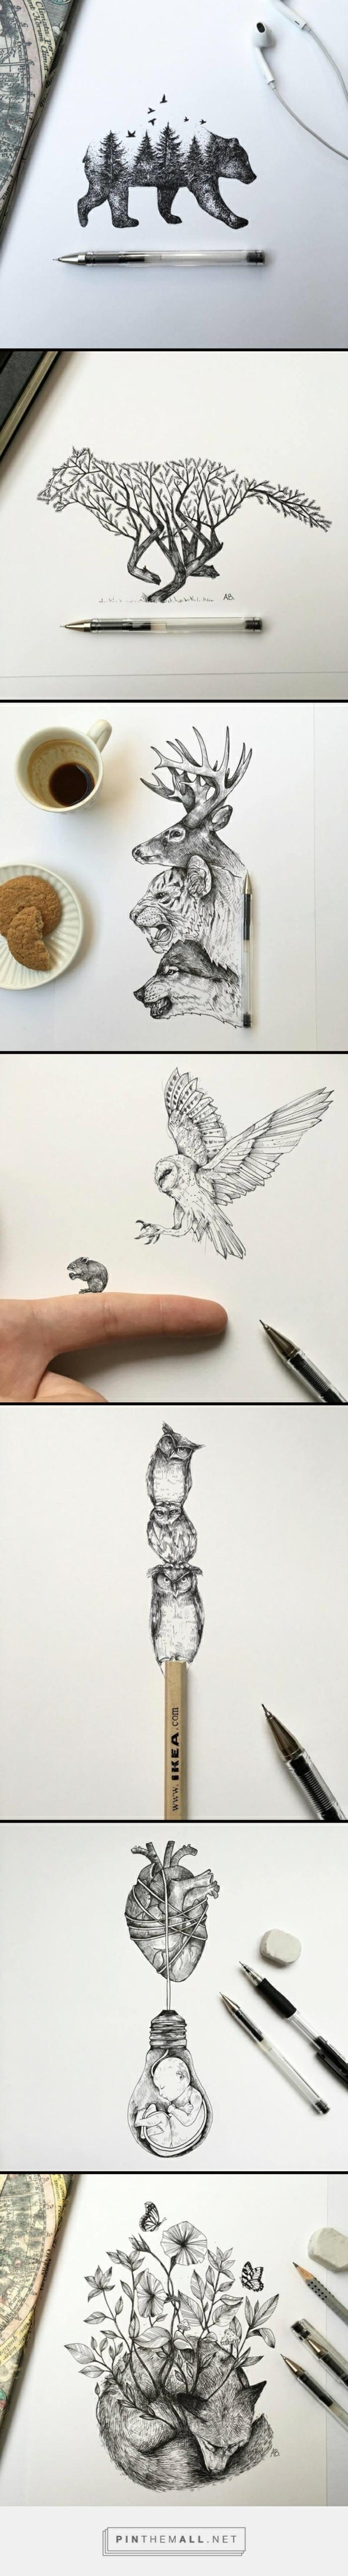 Croquis d un arbre dessine un arbre idée de dessin simple